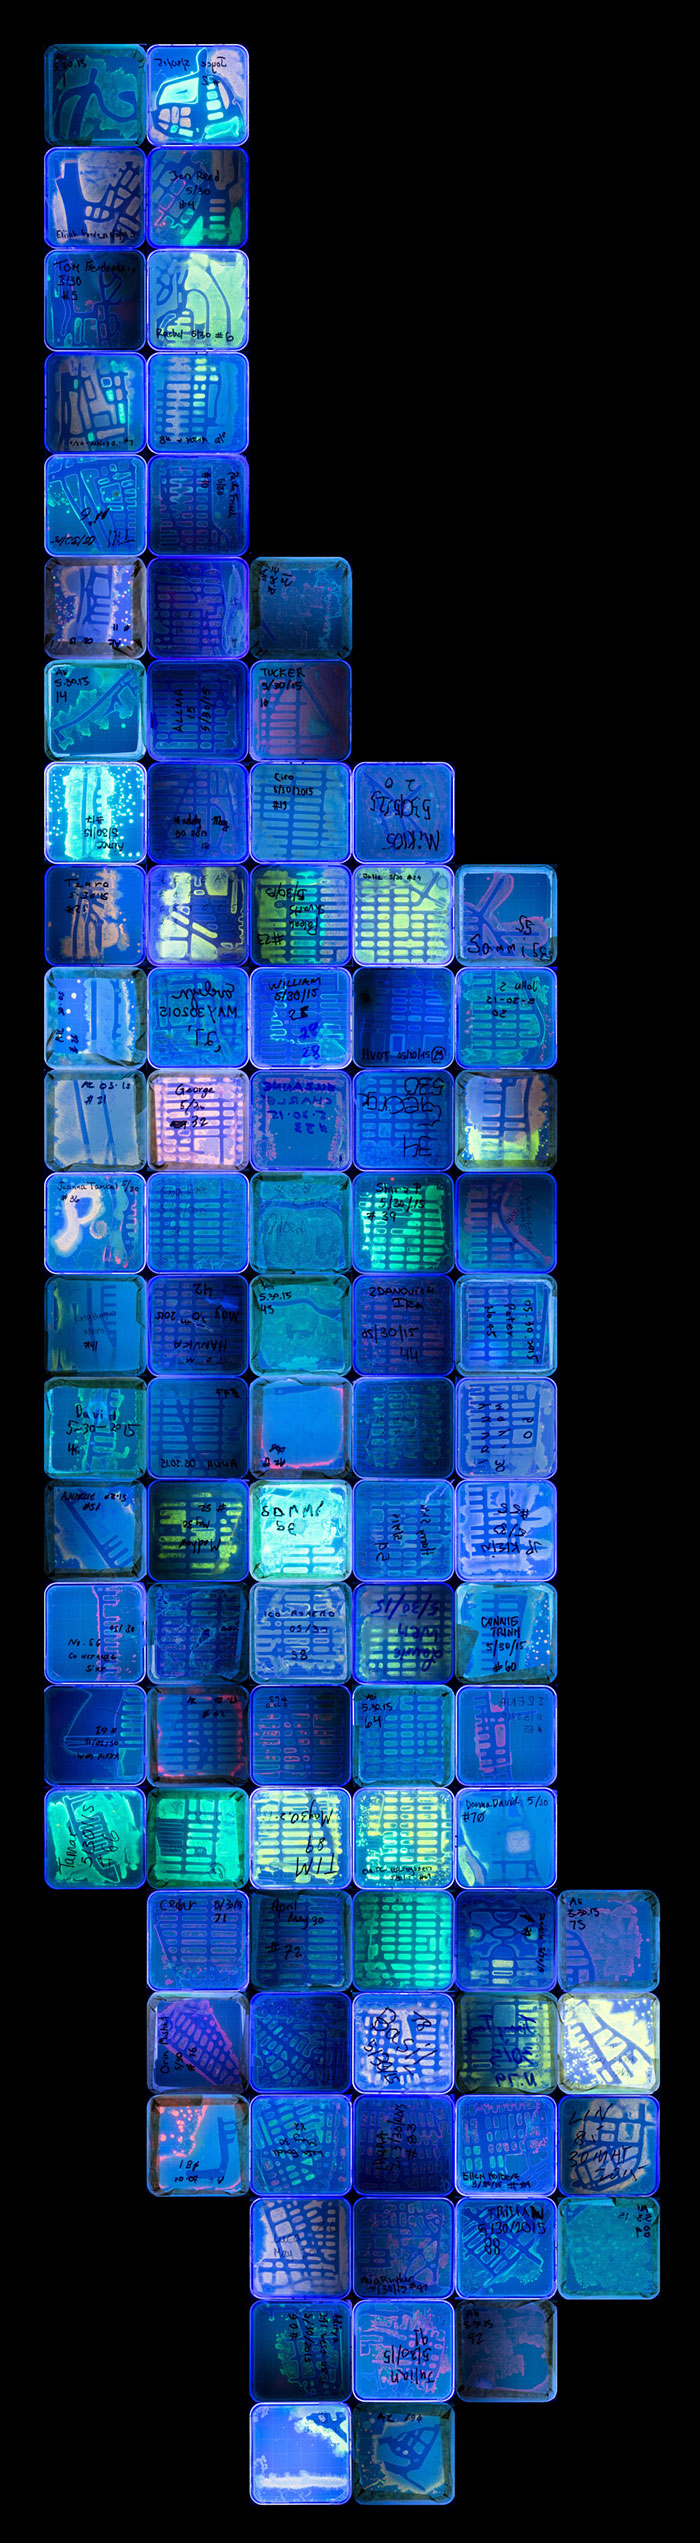 agar-jelly-petri-dish-microbe-bacteria-art-van-gogh-starry-night-1